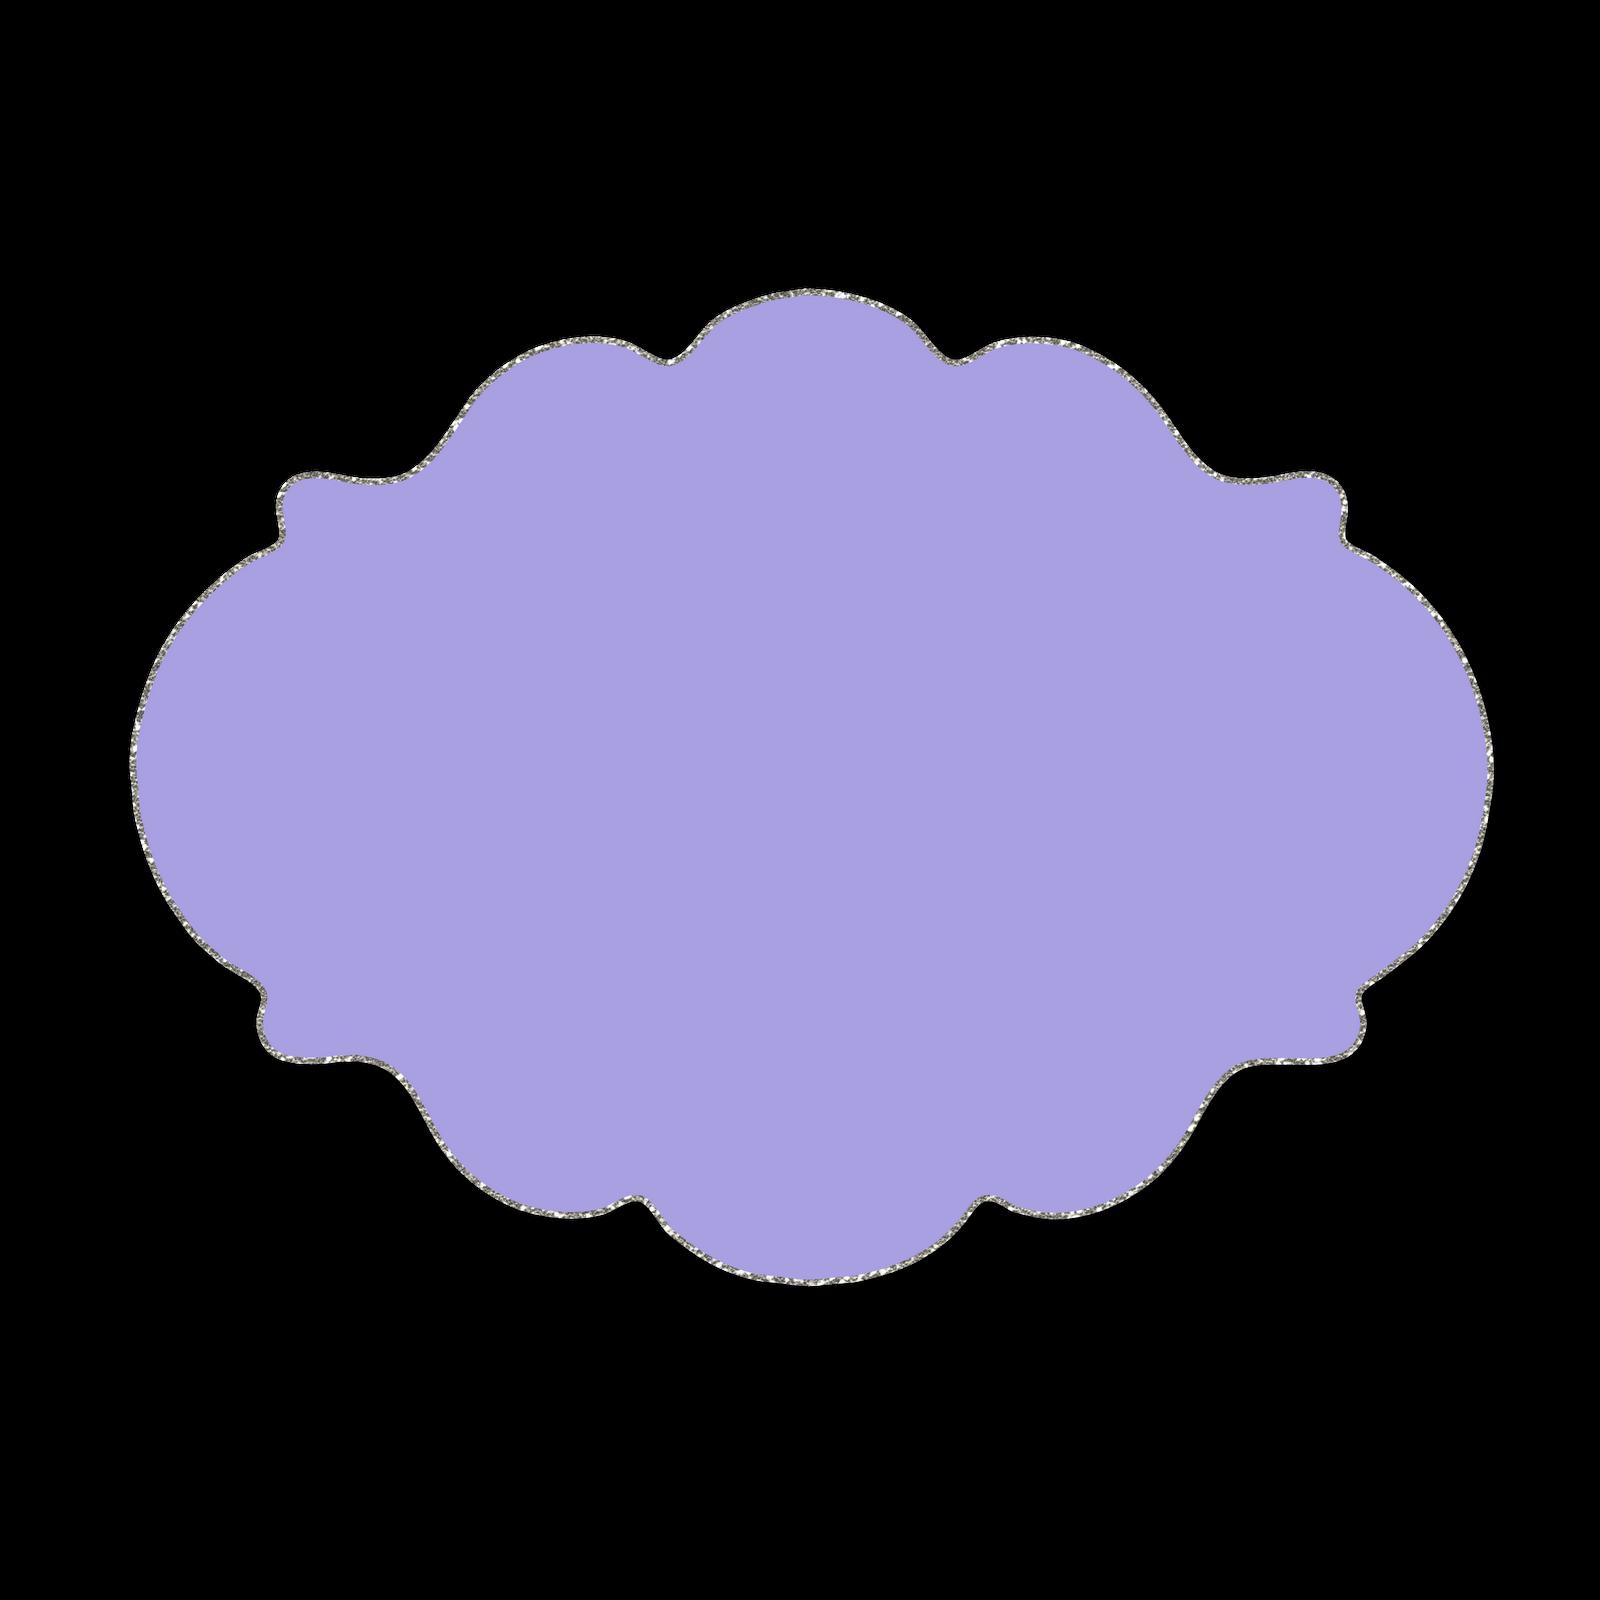 Imagen gratis de unas flores moradas Imágenes gratis - Imagenes De Flores Violetas Gratis